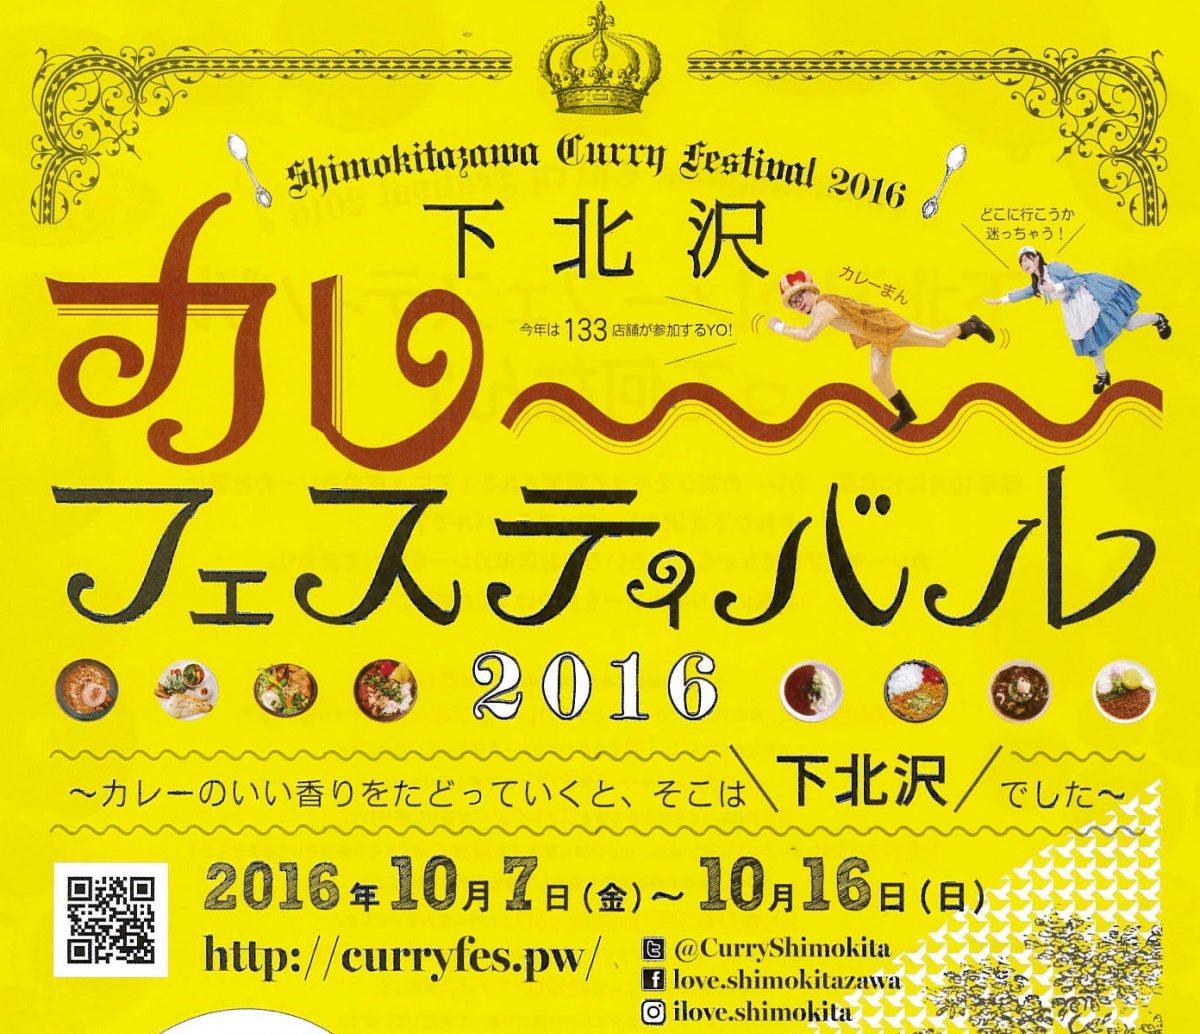 【予告】10月7日からカレーフェス2016開催!